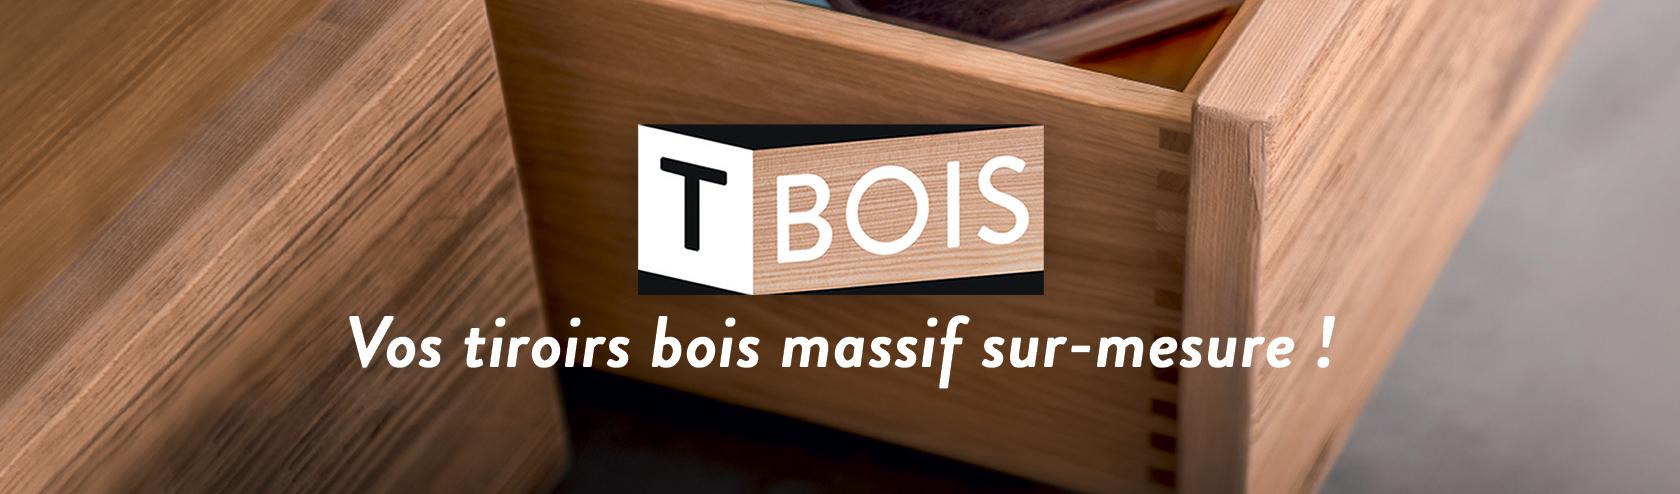 T-bois